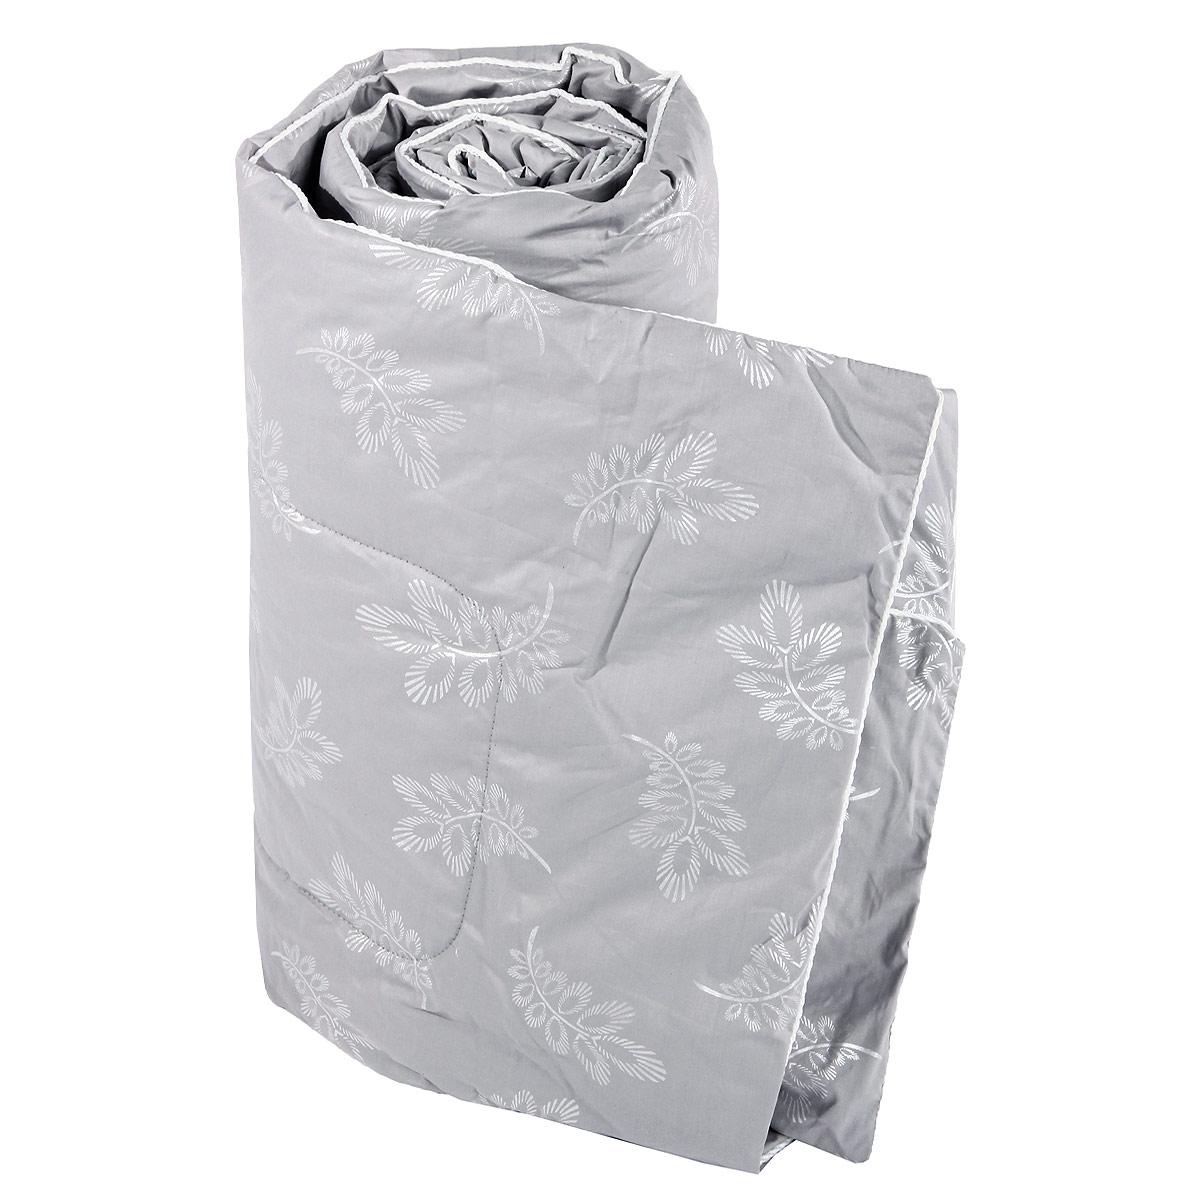 Одеяло Dargez Прима, наполнитель: пух, 140 х 205 см22340ПОдеяло Dargez Прима представляет собой стеганый чехол из натурального хлопка с пуховым наполнителем. Особенности одеяла Dargez Прима:натуральное и экологически чистое;обладает легкостью и уникальными теплозащитными свойствами;создает оптимальный температурный режим;обладает высокой гигроскопичностью: хорошо впитывает и испаряет влагу;имеет высокою воздухопроницаемостью: позволяет телу дышать;обладает мягкостью и объемом. Одеяло упаковано в прозрачный пластиковый чехол на молнии с ручкой, что является чрезвычайно удобным при переноске. Характеристики: Материал чехла: 100% хлопок (перкаль). Наполнитель: пух первой категории. Размер: 140 см х 205 см. Масса наполнителя: 0,5 кг. Артикул: 22340П. Торговый Дом Даргез был образован в 1991 году на базе нескольких компаний, занимавшихся производством и продажей постельных принадлежностей и поставками за рубеж пухоперового сырья. Благодаря опыту, накопленным знаниям, стремлению к инновациям и развитию за 19 лет компания смогла стать крупнейшим производителем домашнего текстиля на территории Российской Федерации. В основу деятельности Торгового Дома Даргез положено стремление предоставить покупателю широкий выбор высококачественных постельных принадлежностей и текстиля для дома, которые способны создавать наилучшие условия для комфортного и, что немаловажно, здорового сна и отдыха.